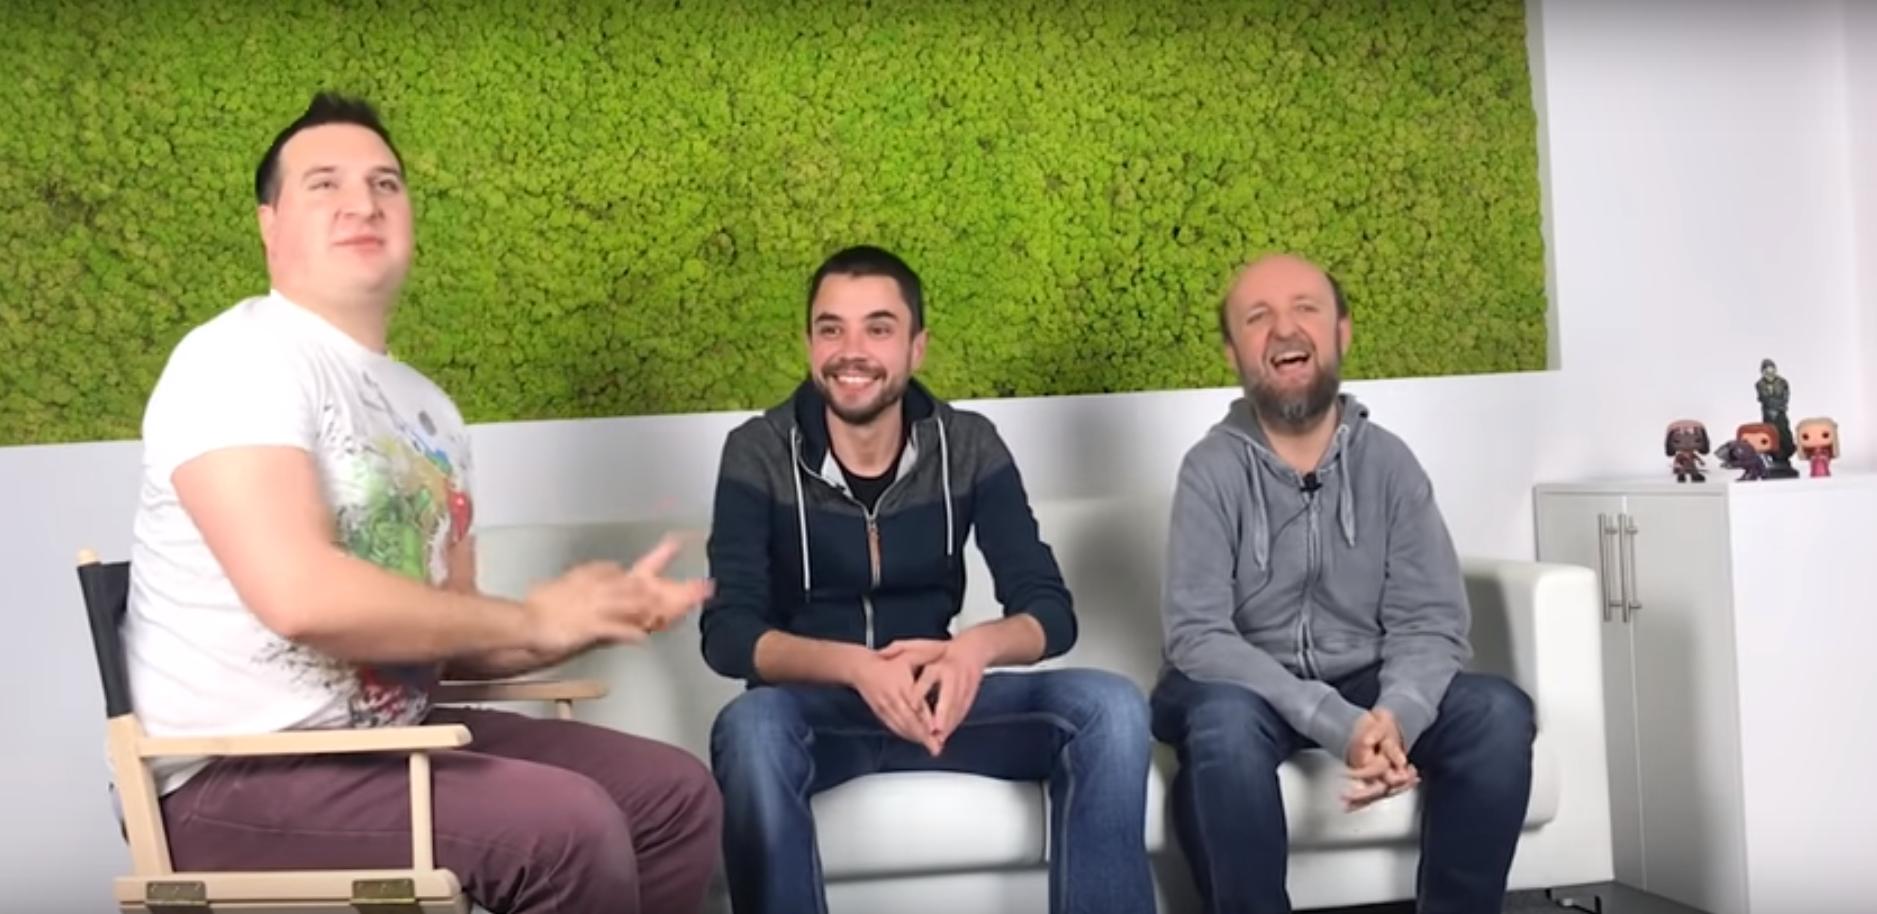 Avengers: Koniec gry - Muszyński, Piskozub i Siennica rozmawiają o filmie [Bliżej EKRANU]